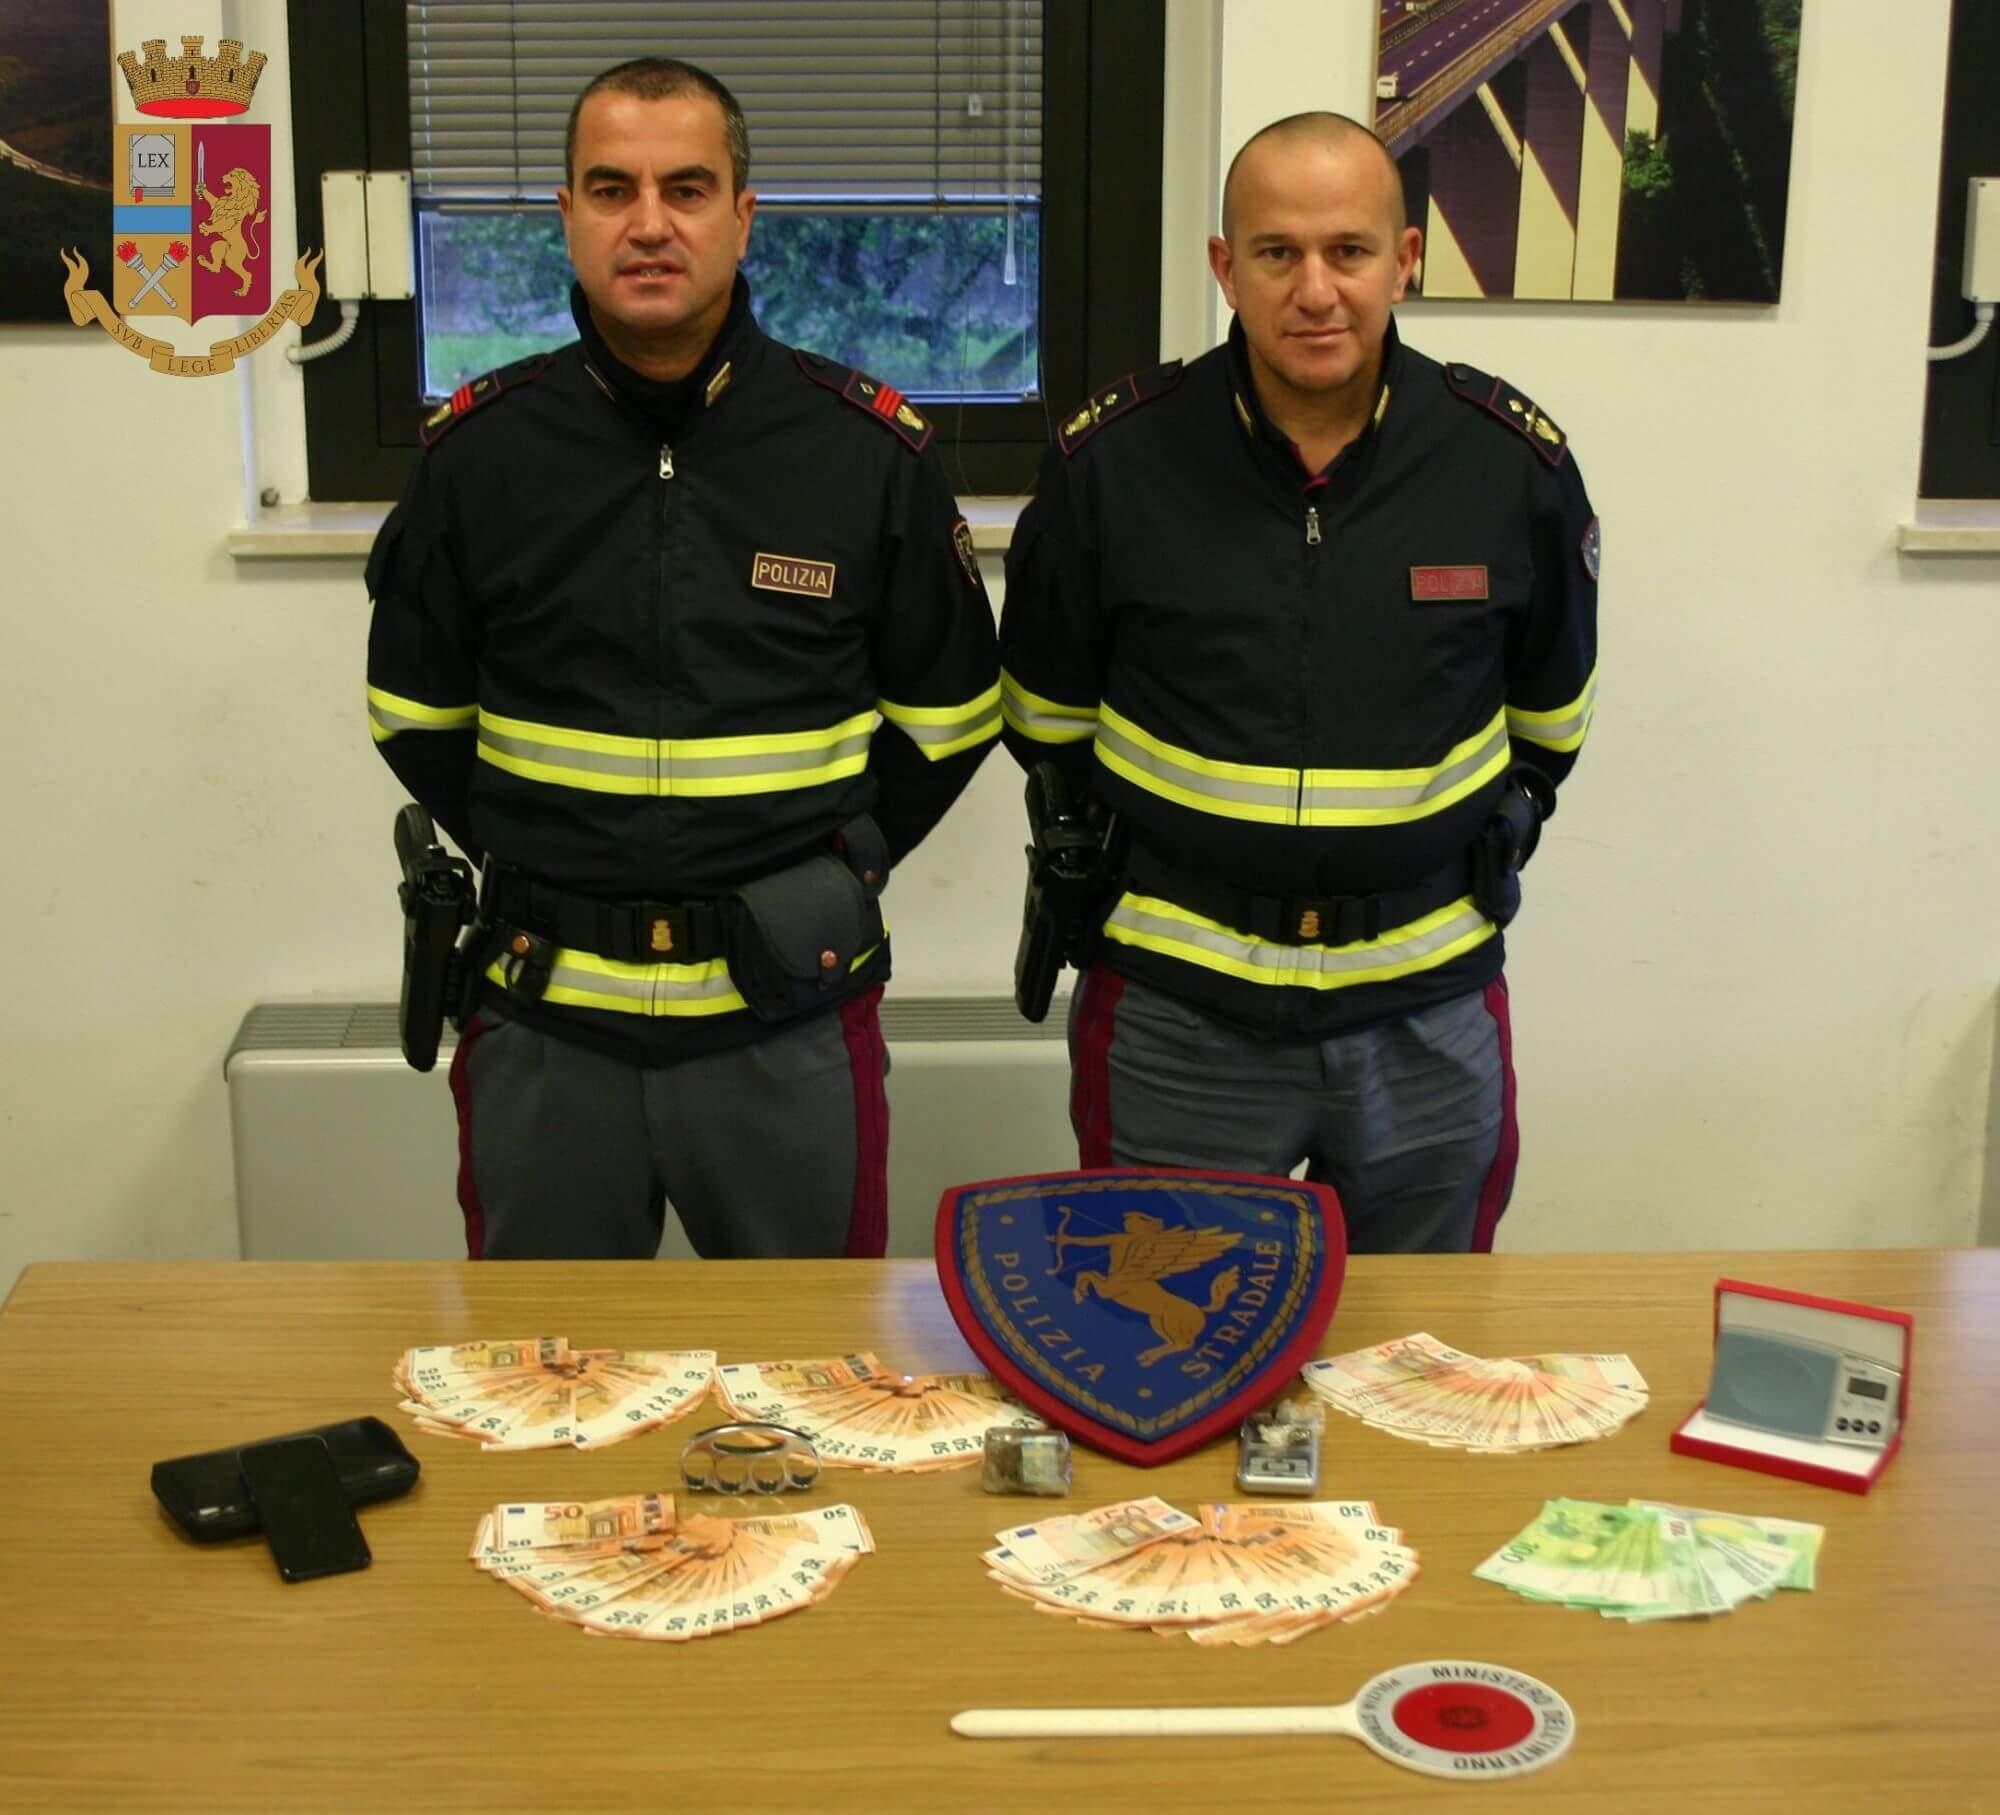 In A/15 con la droga e 15.000 euro: arrestato dalla Polstrada.